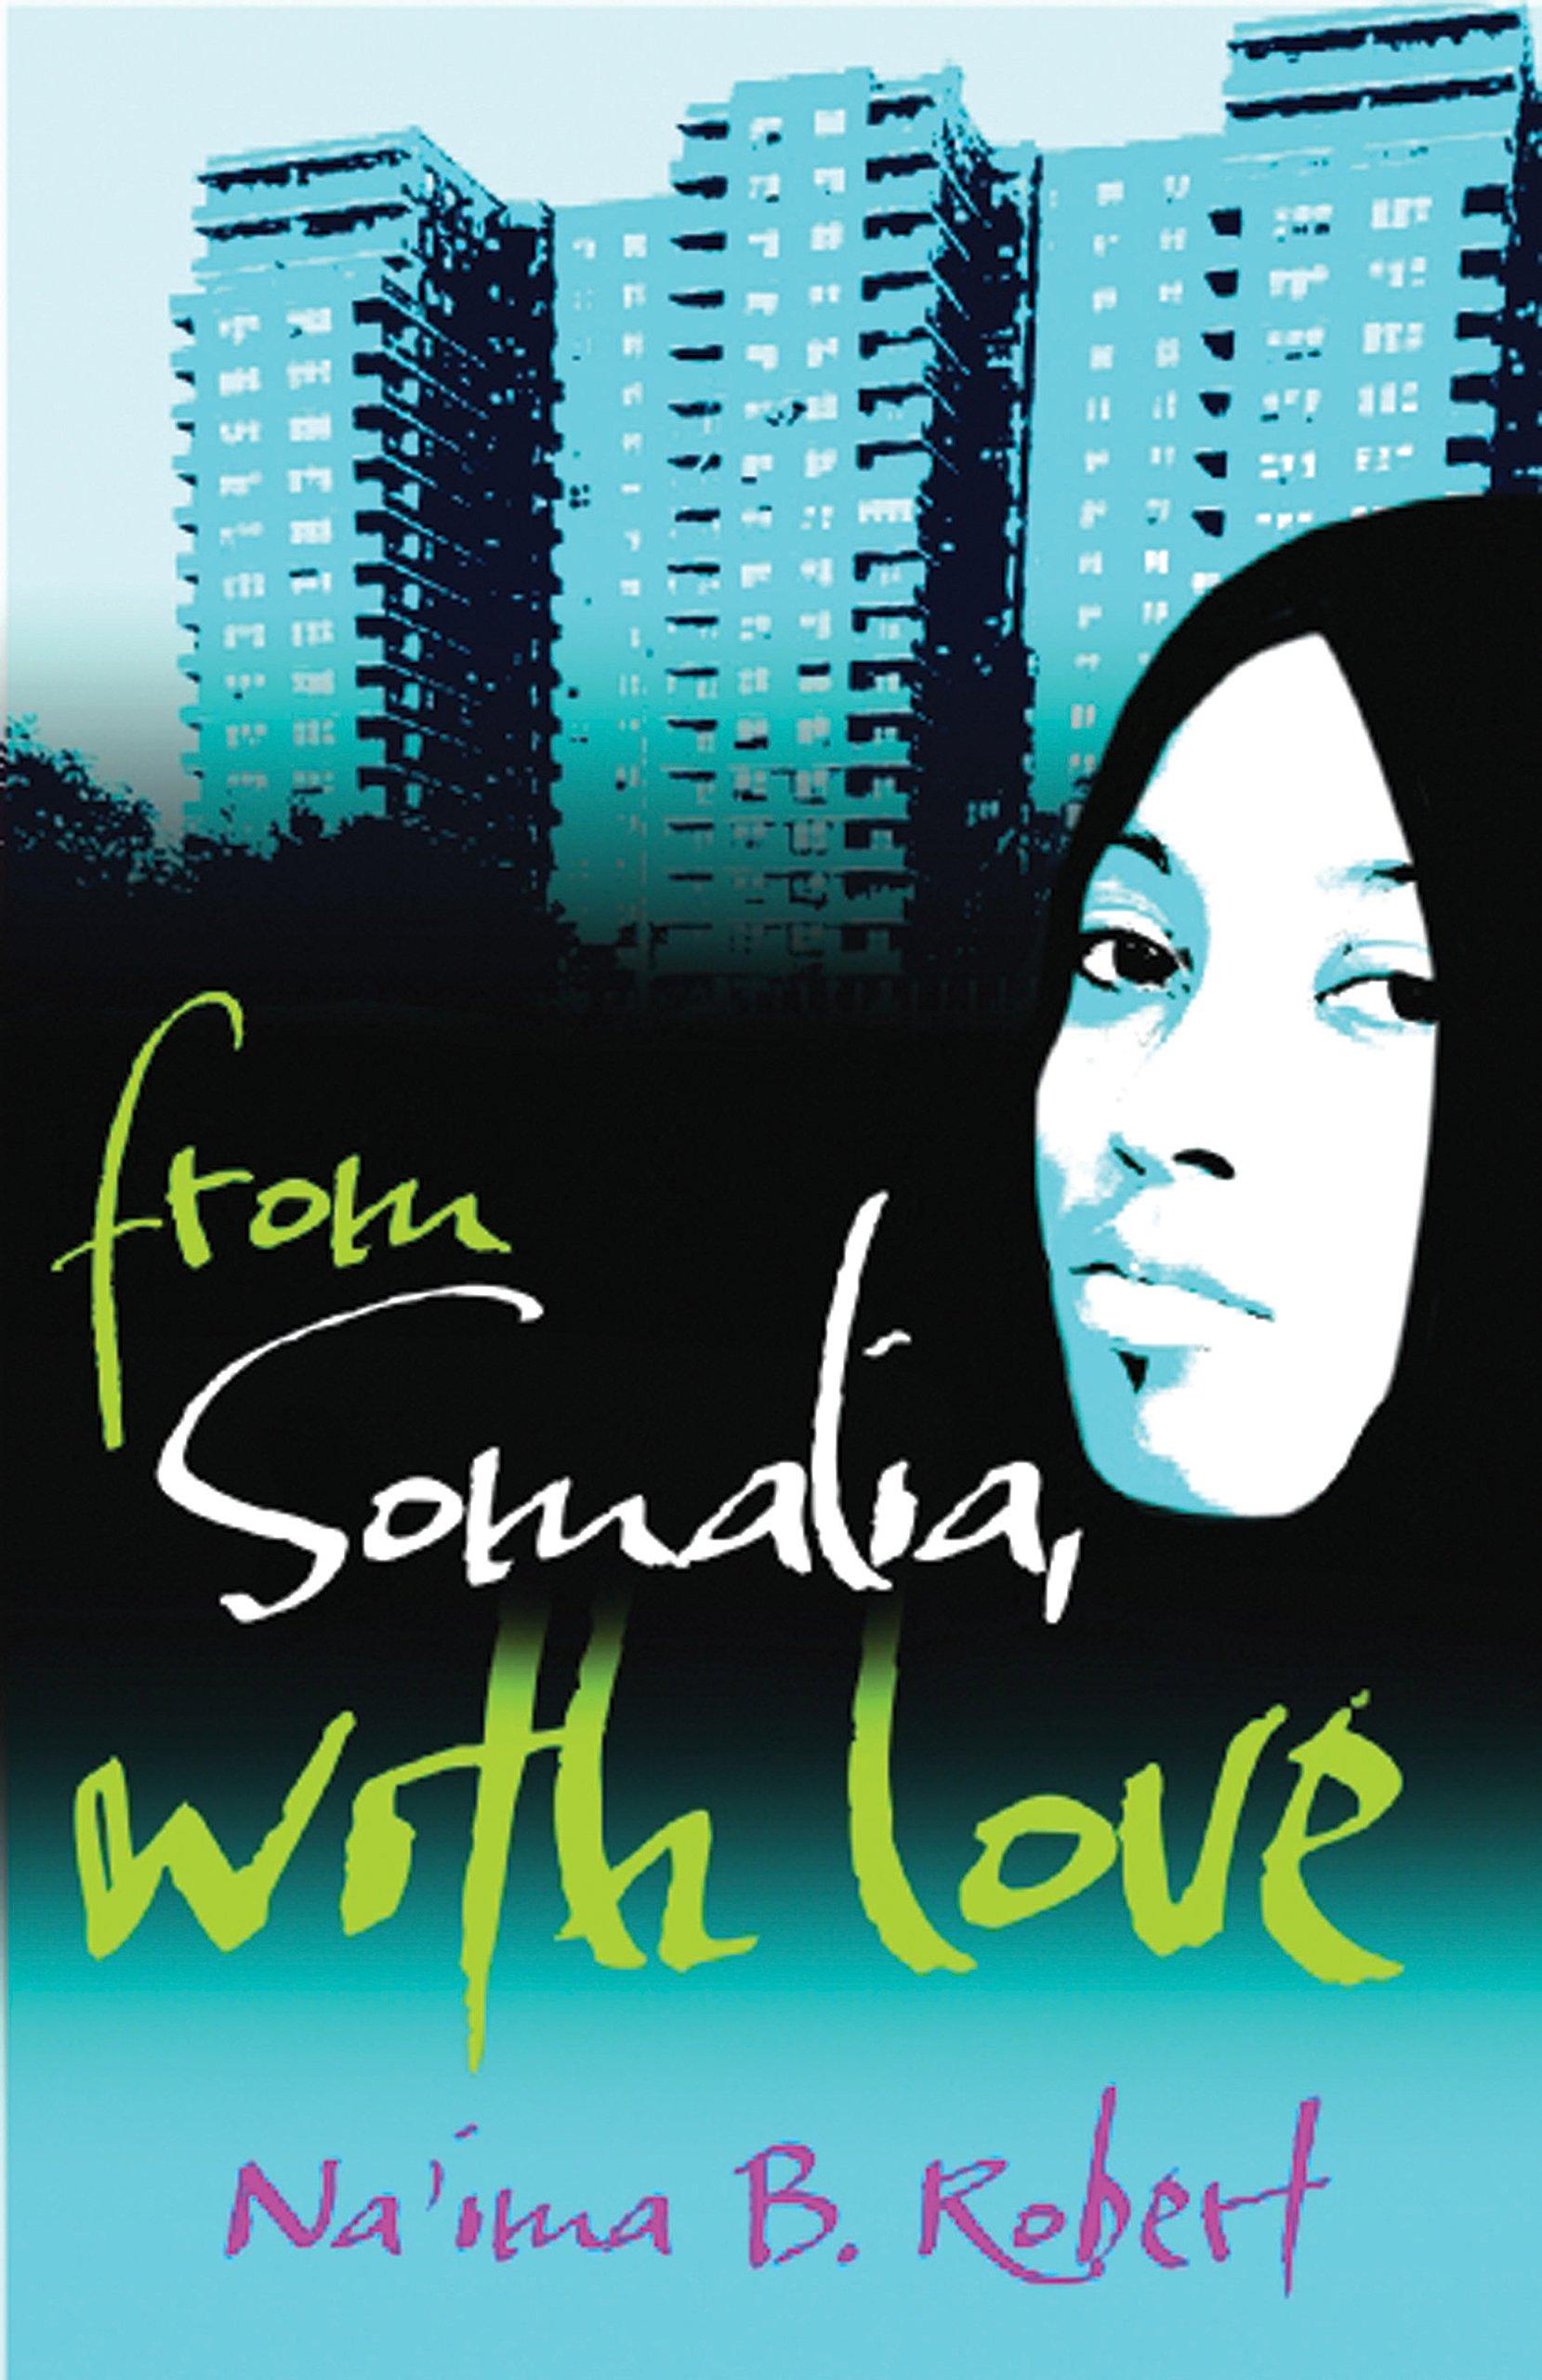 From Somalia with Love: Amazon co uk: Na'ima B  Robert: Books